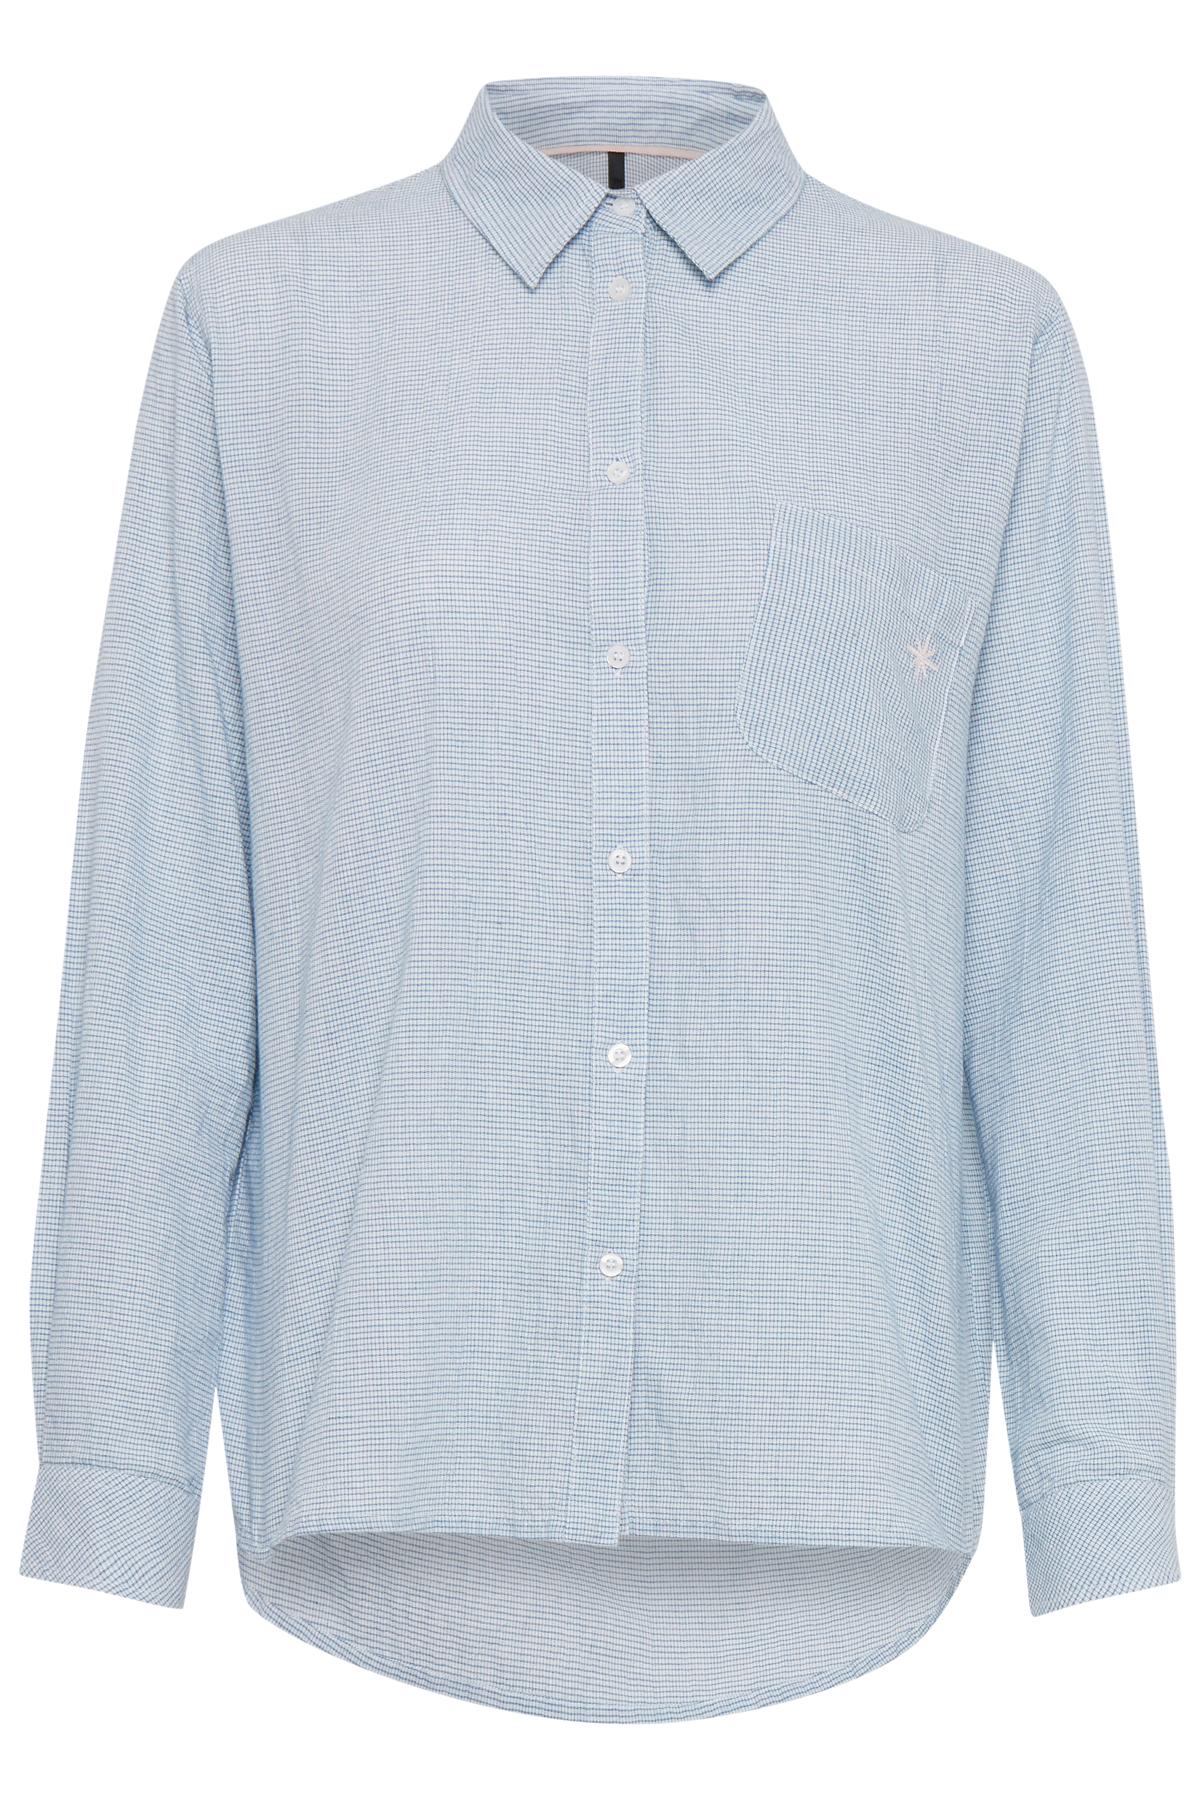 Pulz Jeans Dame Let Julie skjorte  - Marineblå